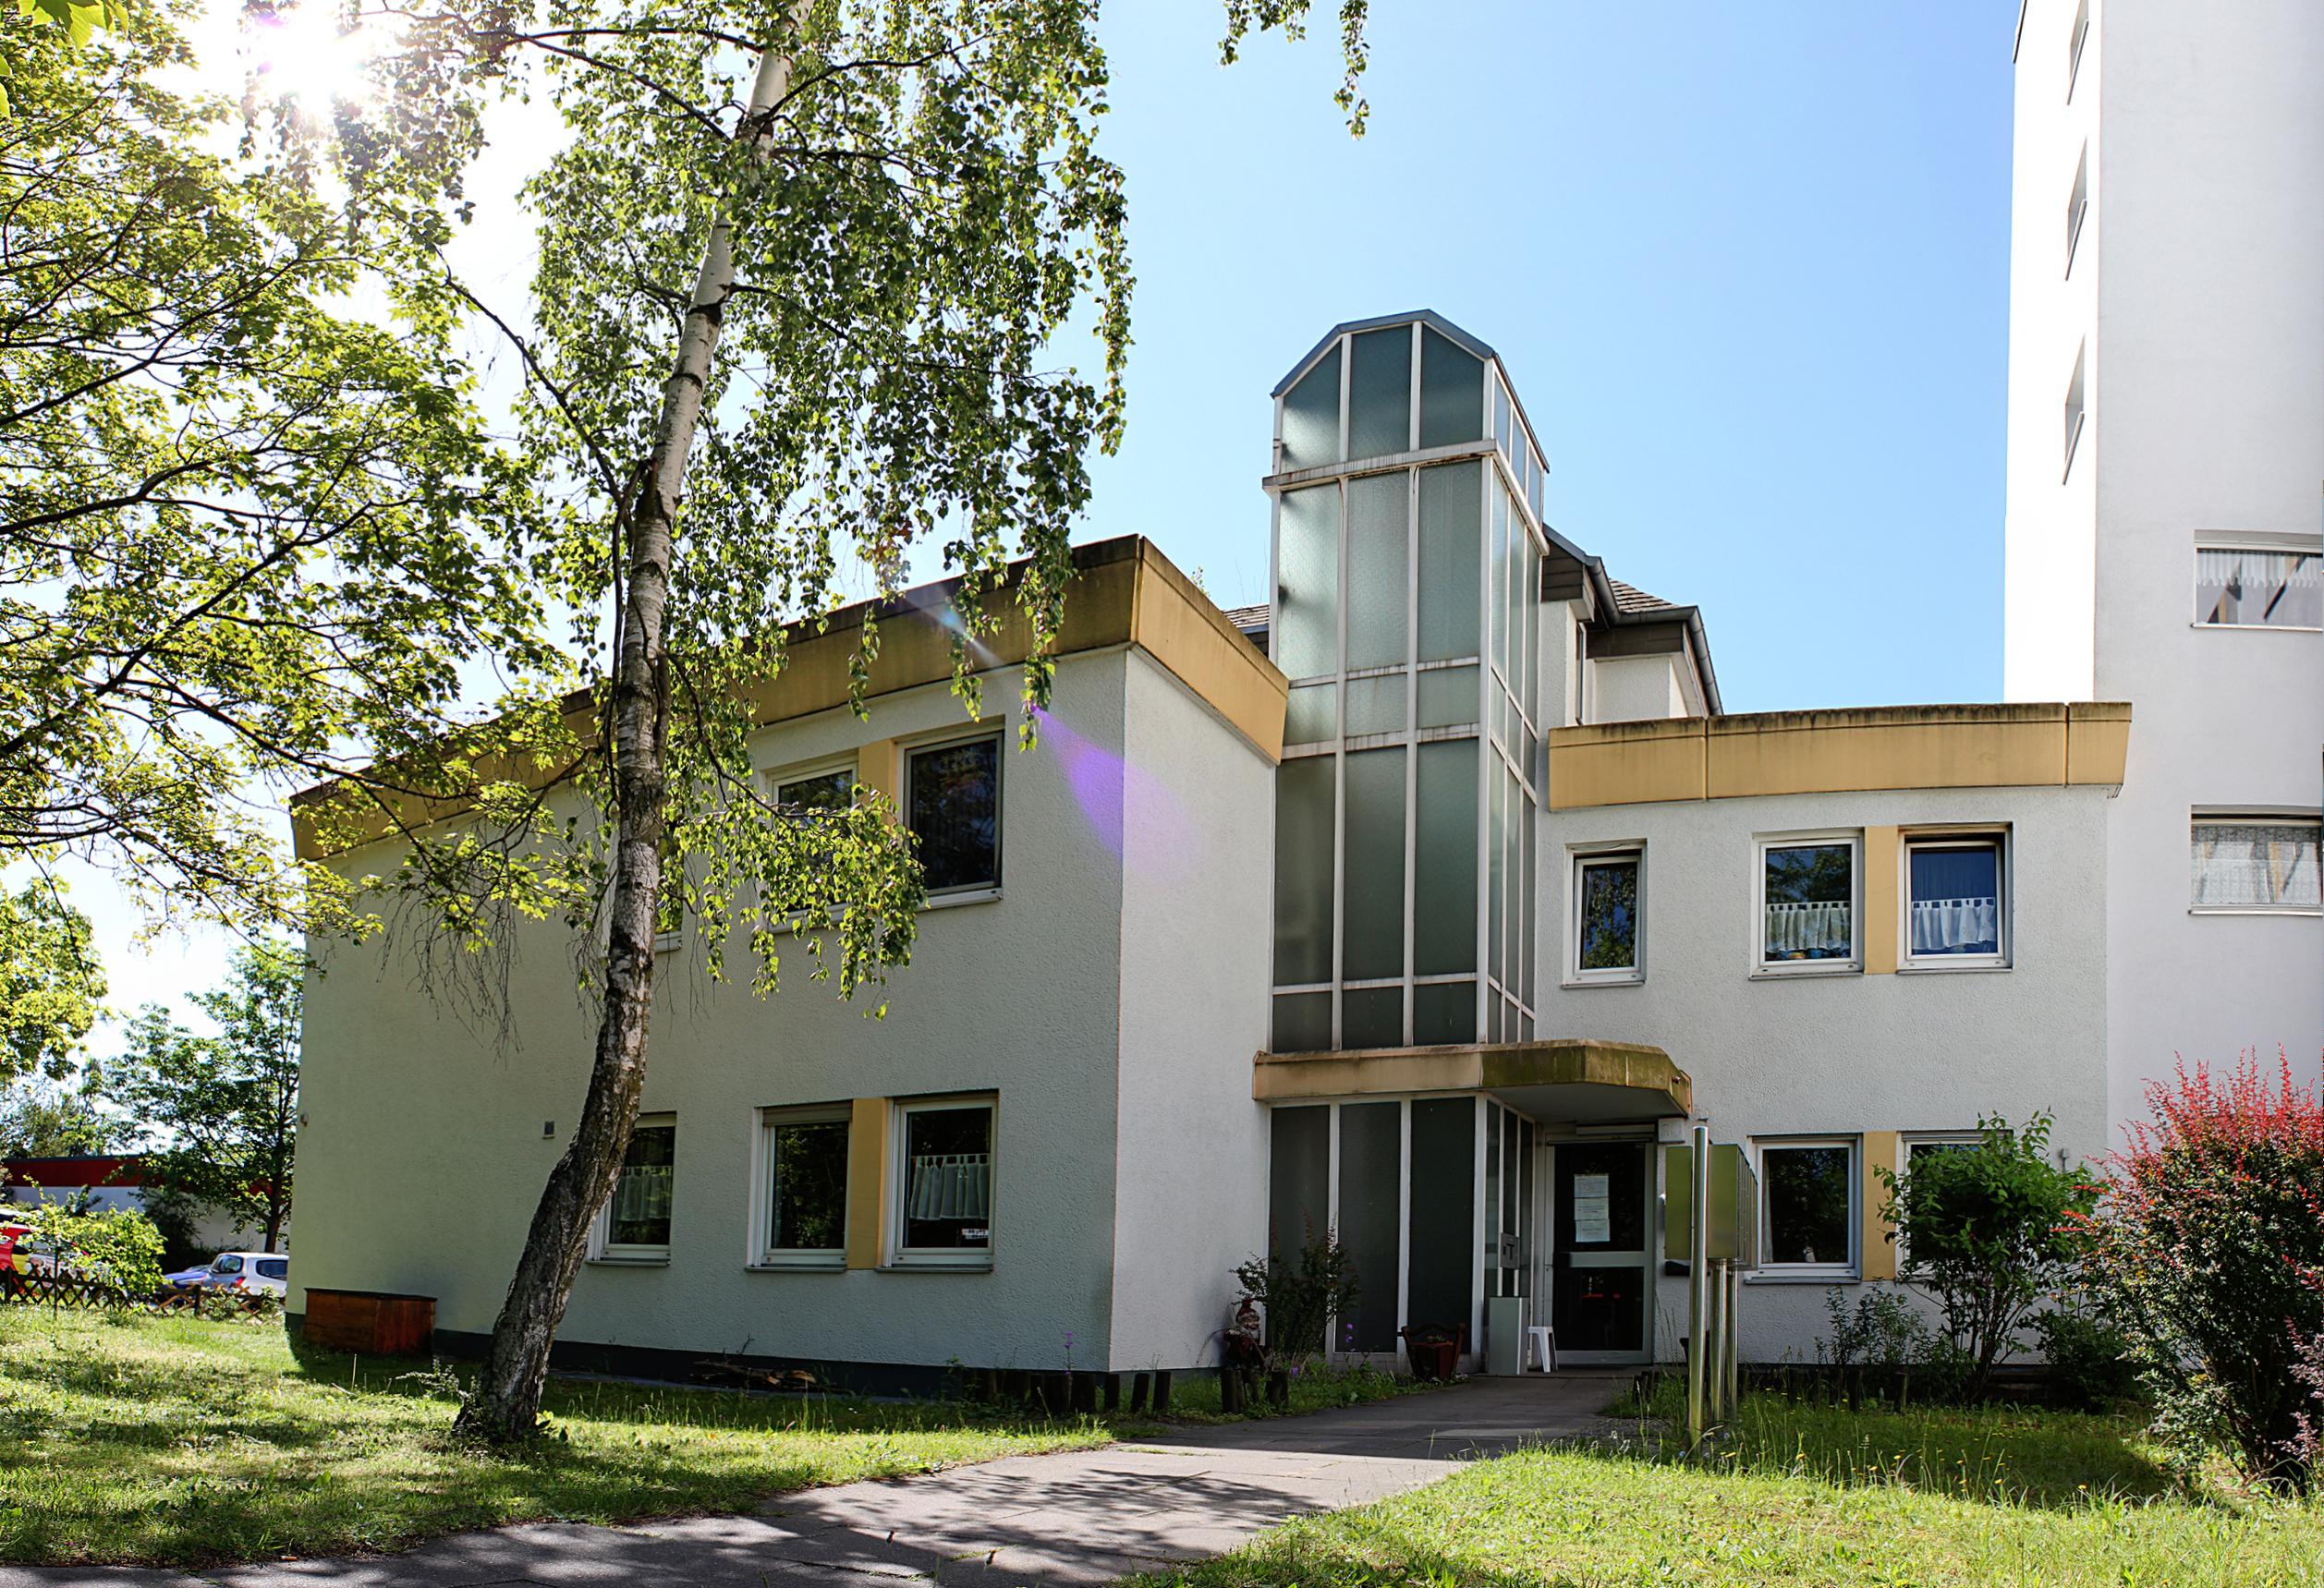 Haus am Quarzweg, Eingliederungshilfe der navitas gGmbH